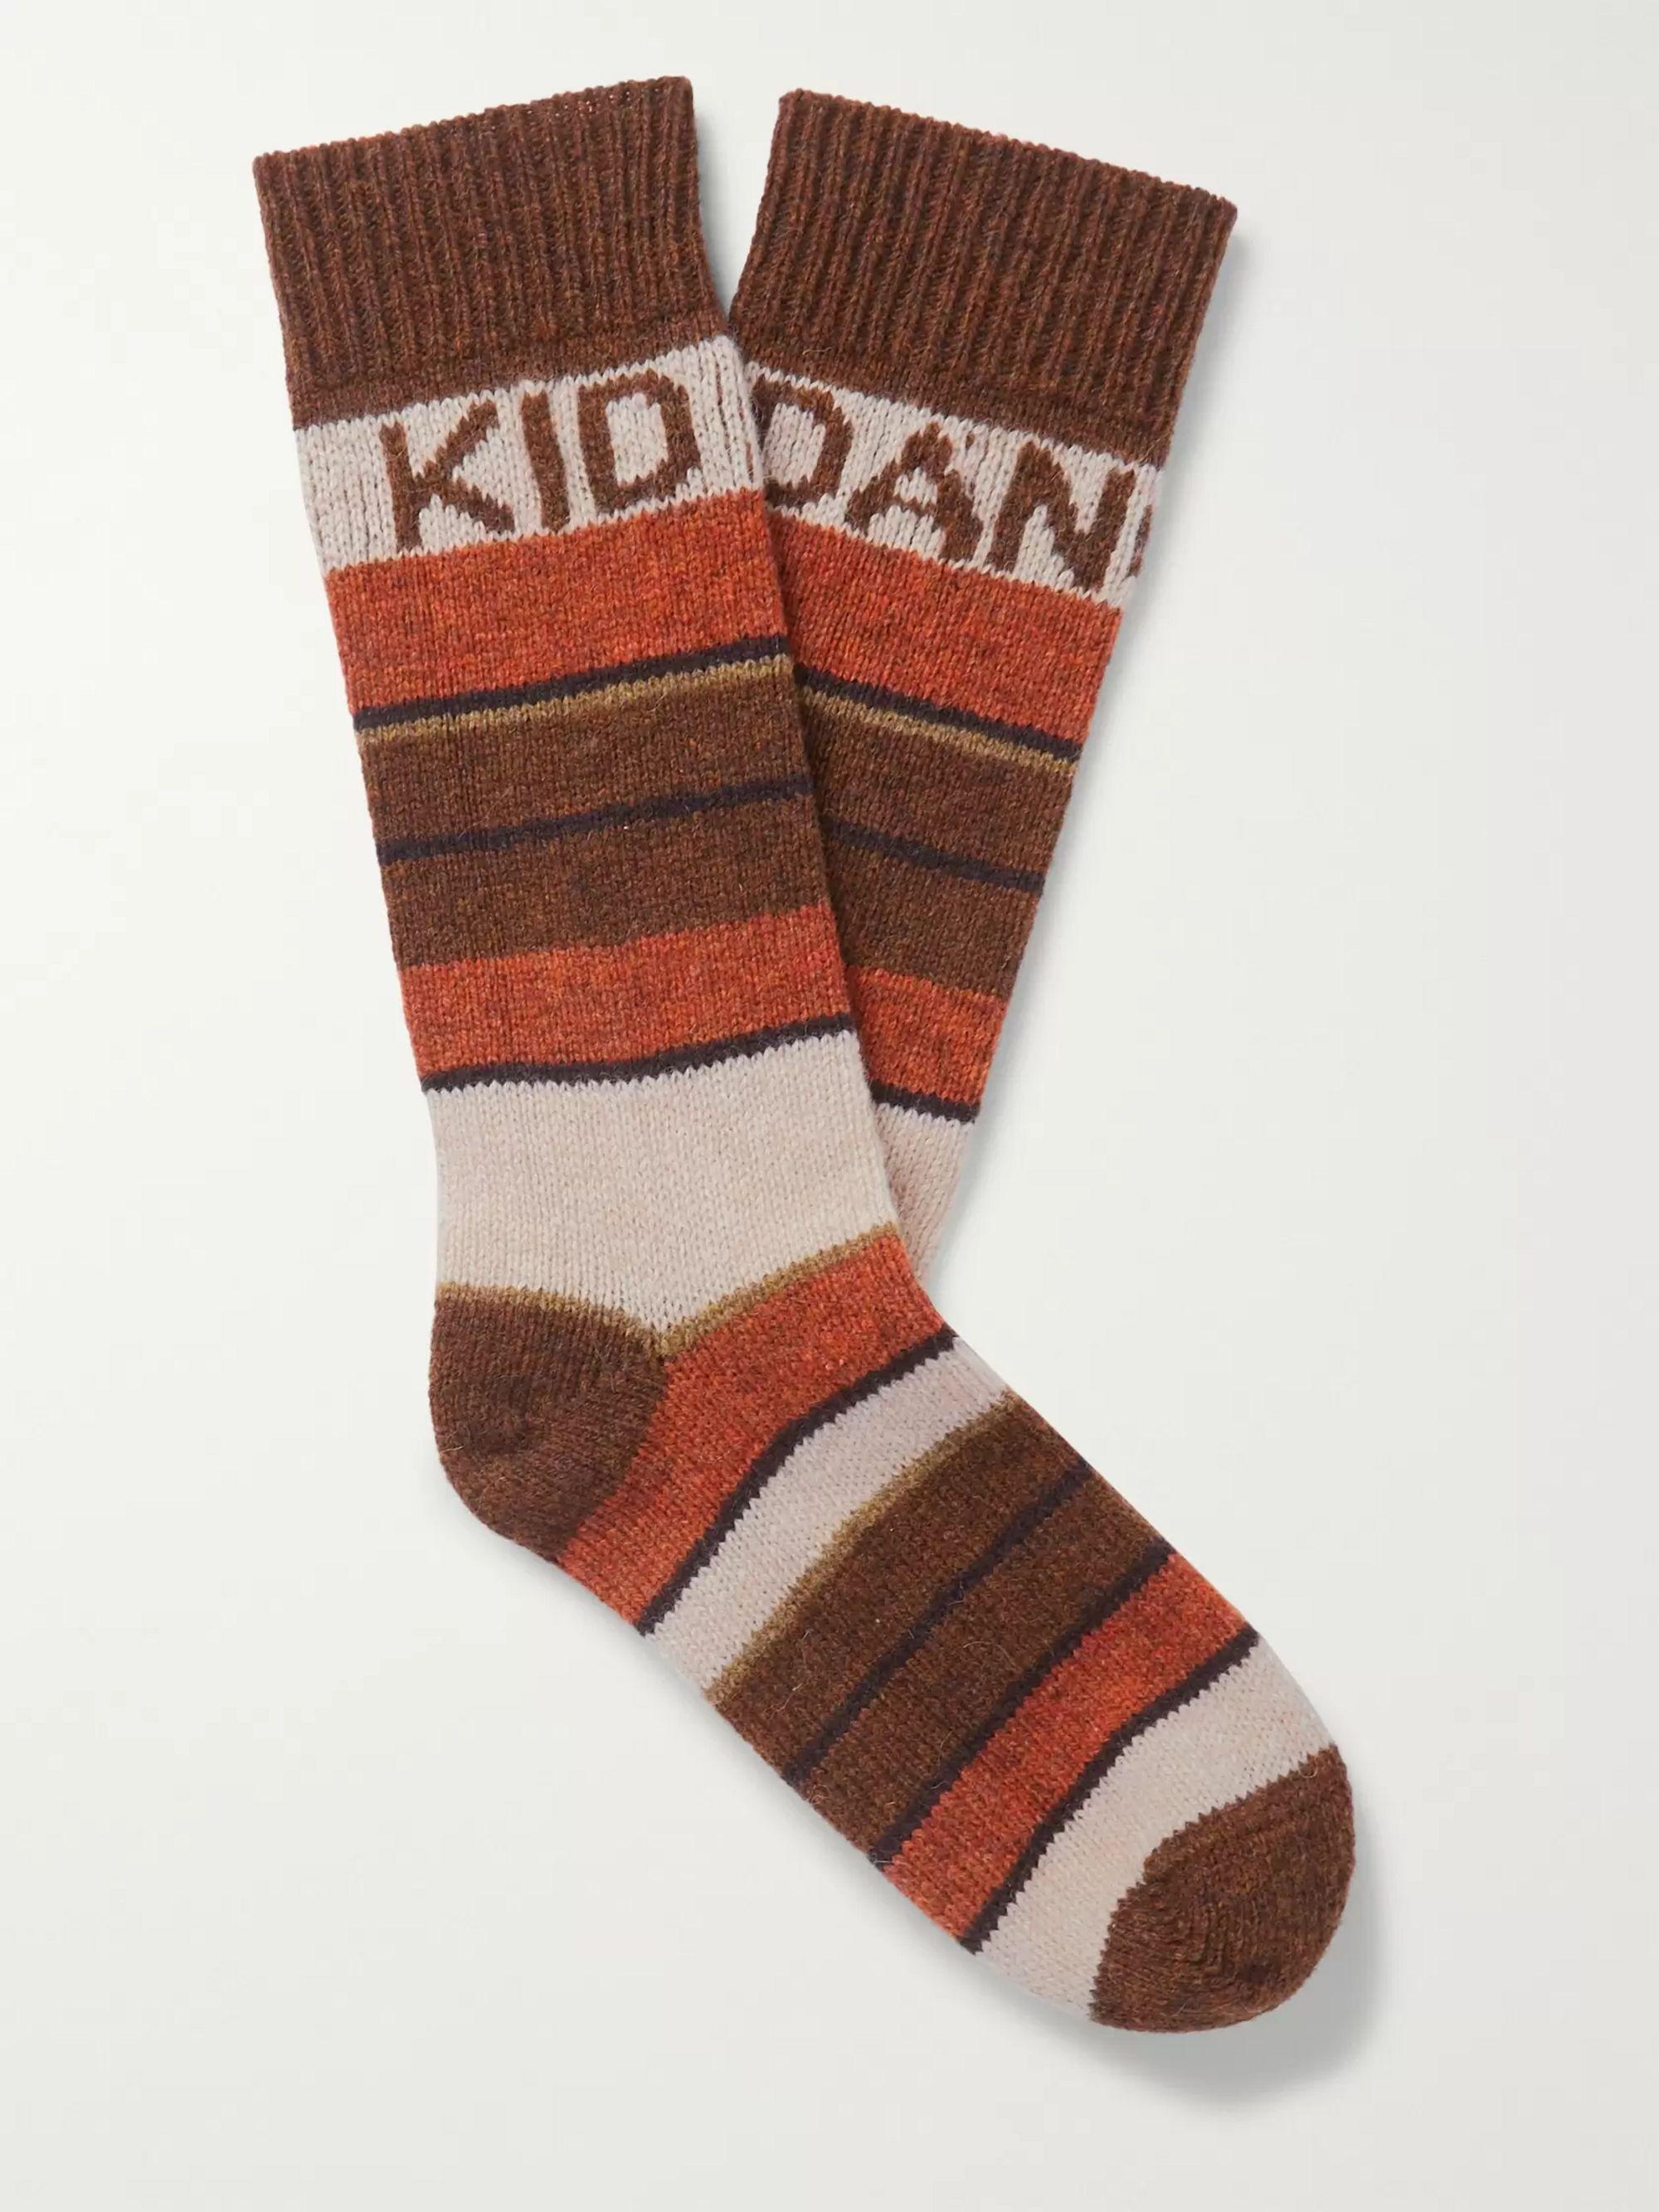 셀린느 옴므 댄싱 키즈 스트라이프 양말 CELINE HOMME The Dancing Kid Striped Wool-Jacquard Socks,Brown